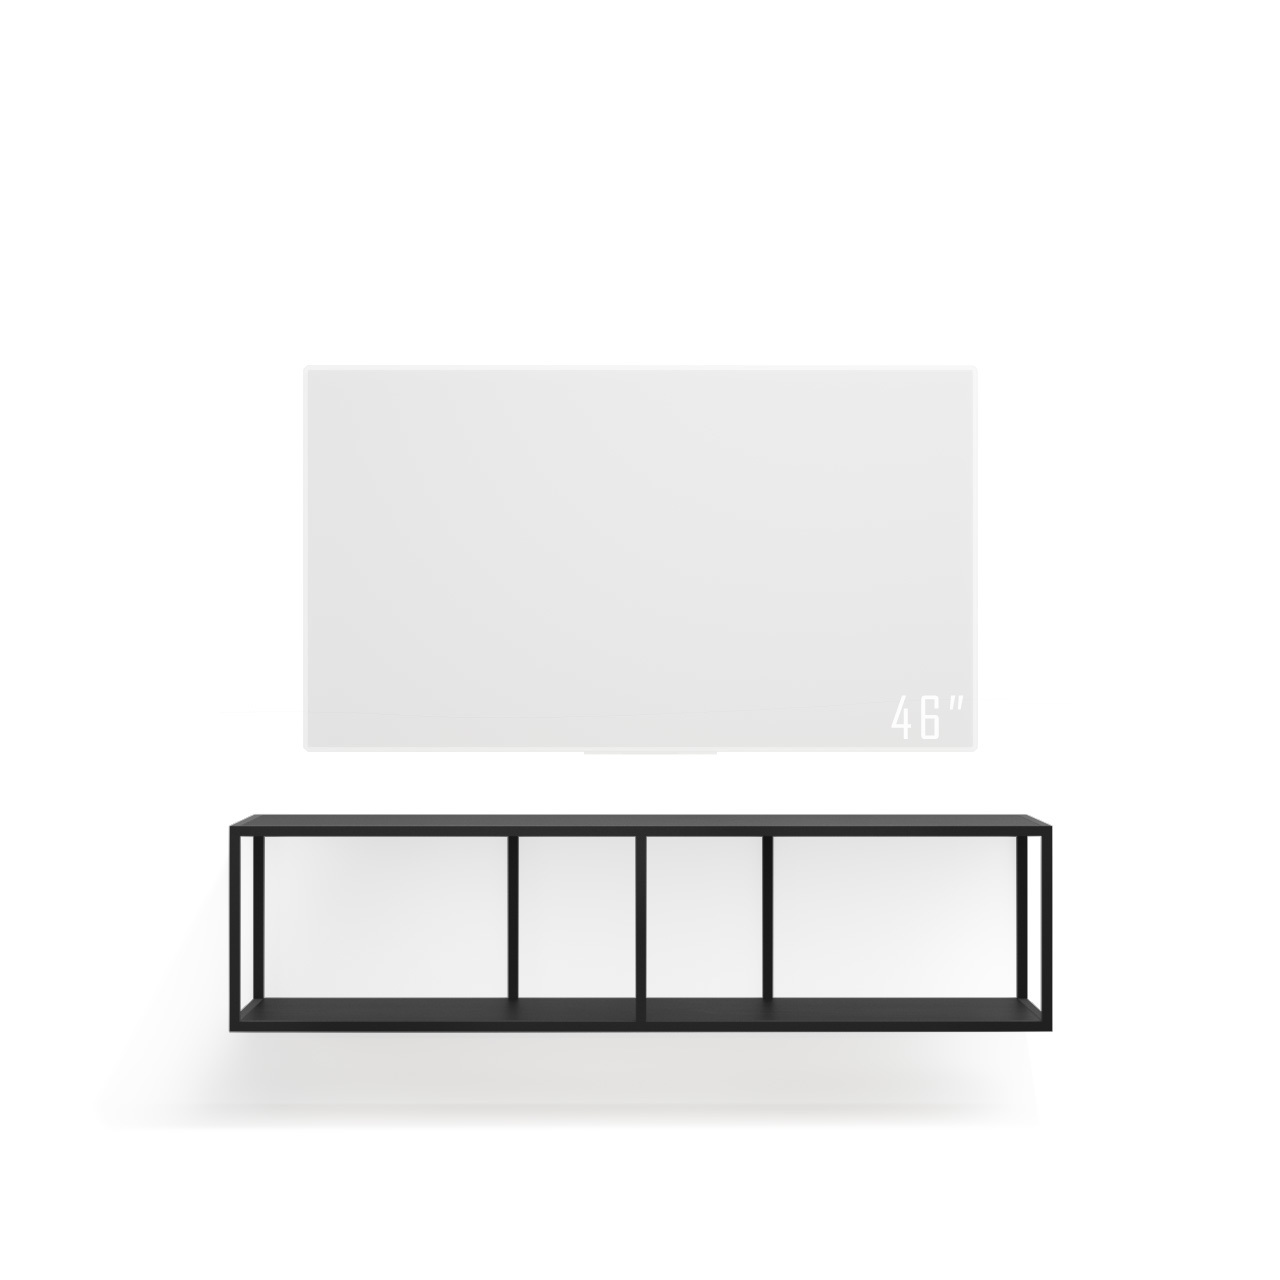 Тумба TV stand lite black подвесная - вид 8